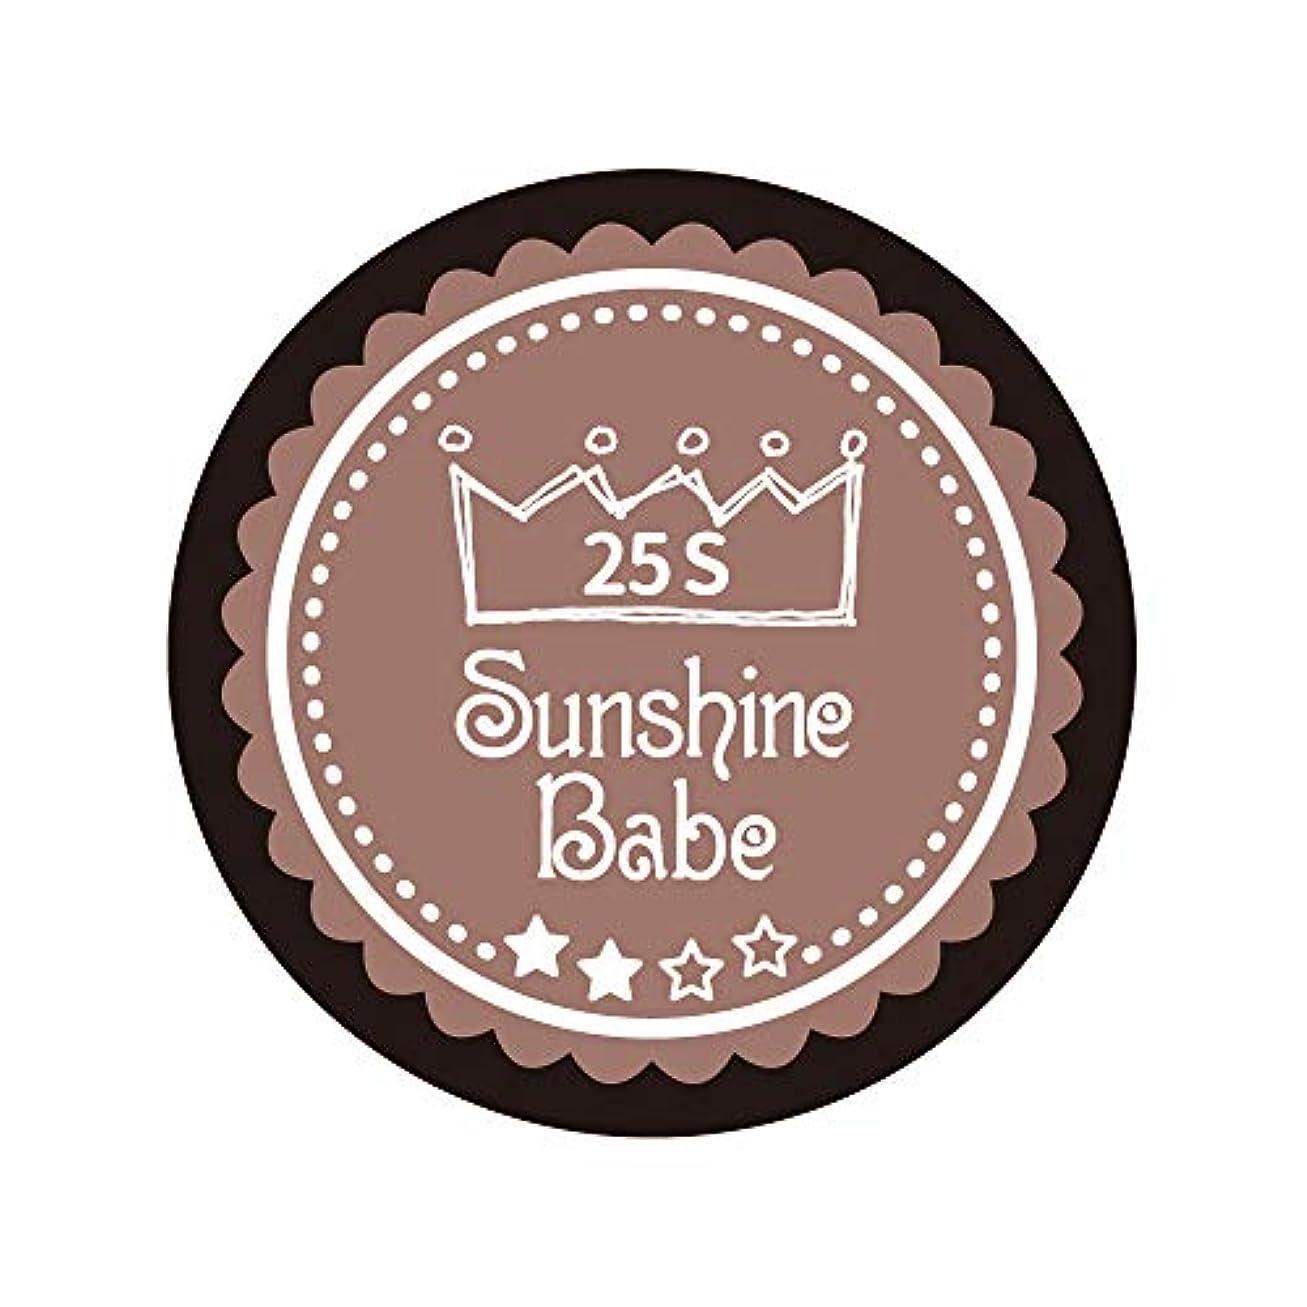 航海浸透する偉業Sunshine Babe カラージェル 25S ミルキーココア 2.7g UV/LED対応